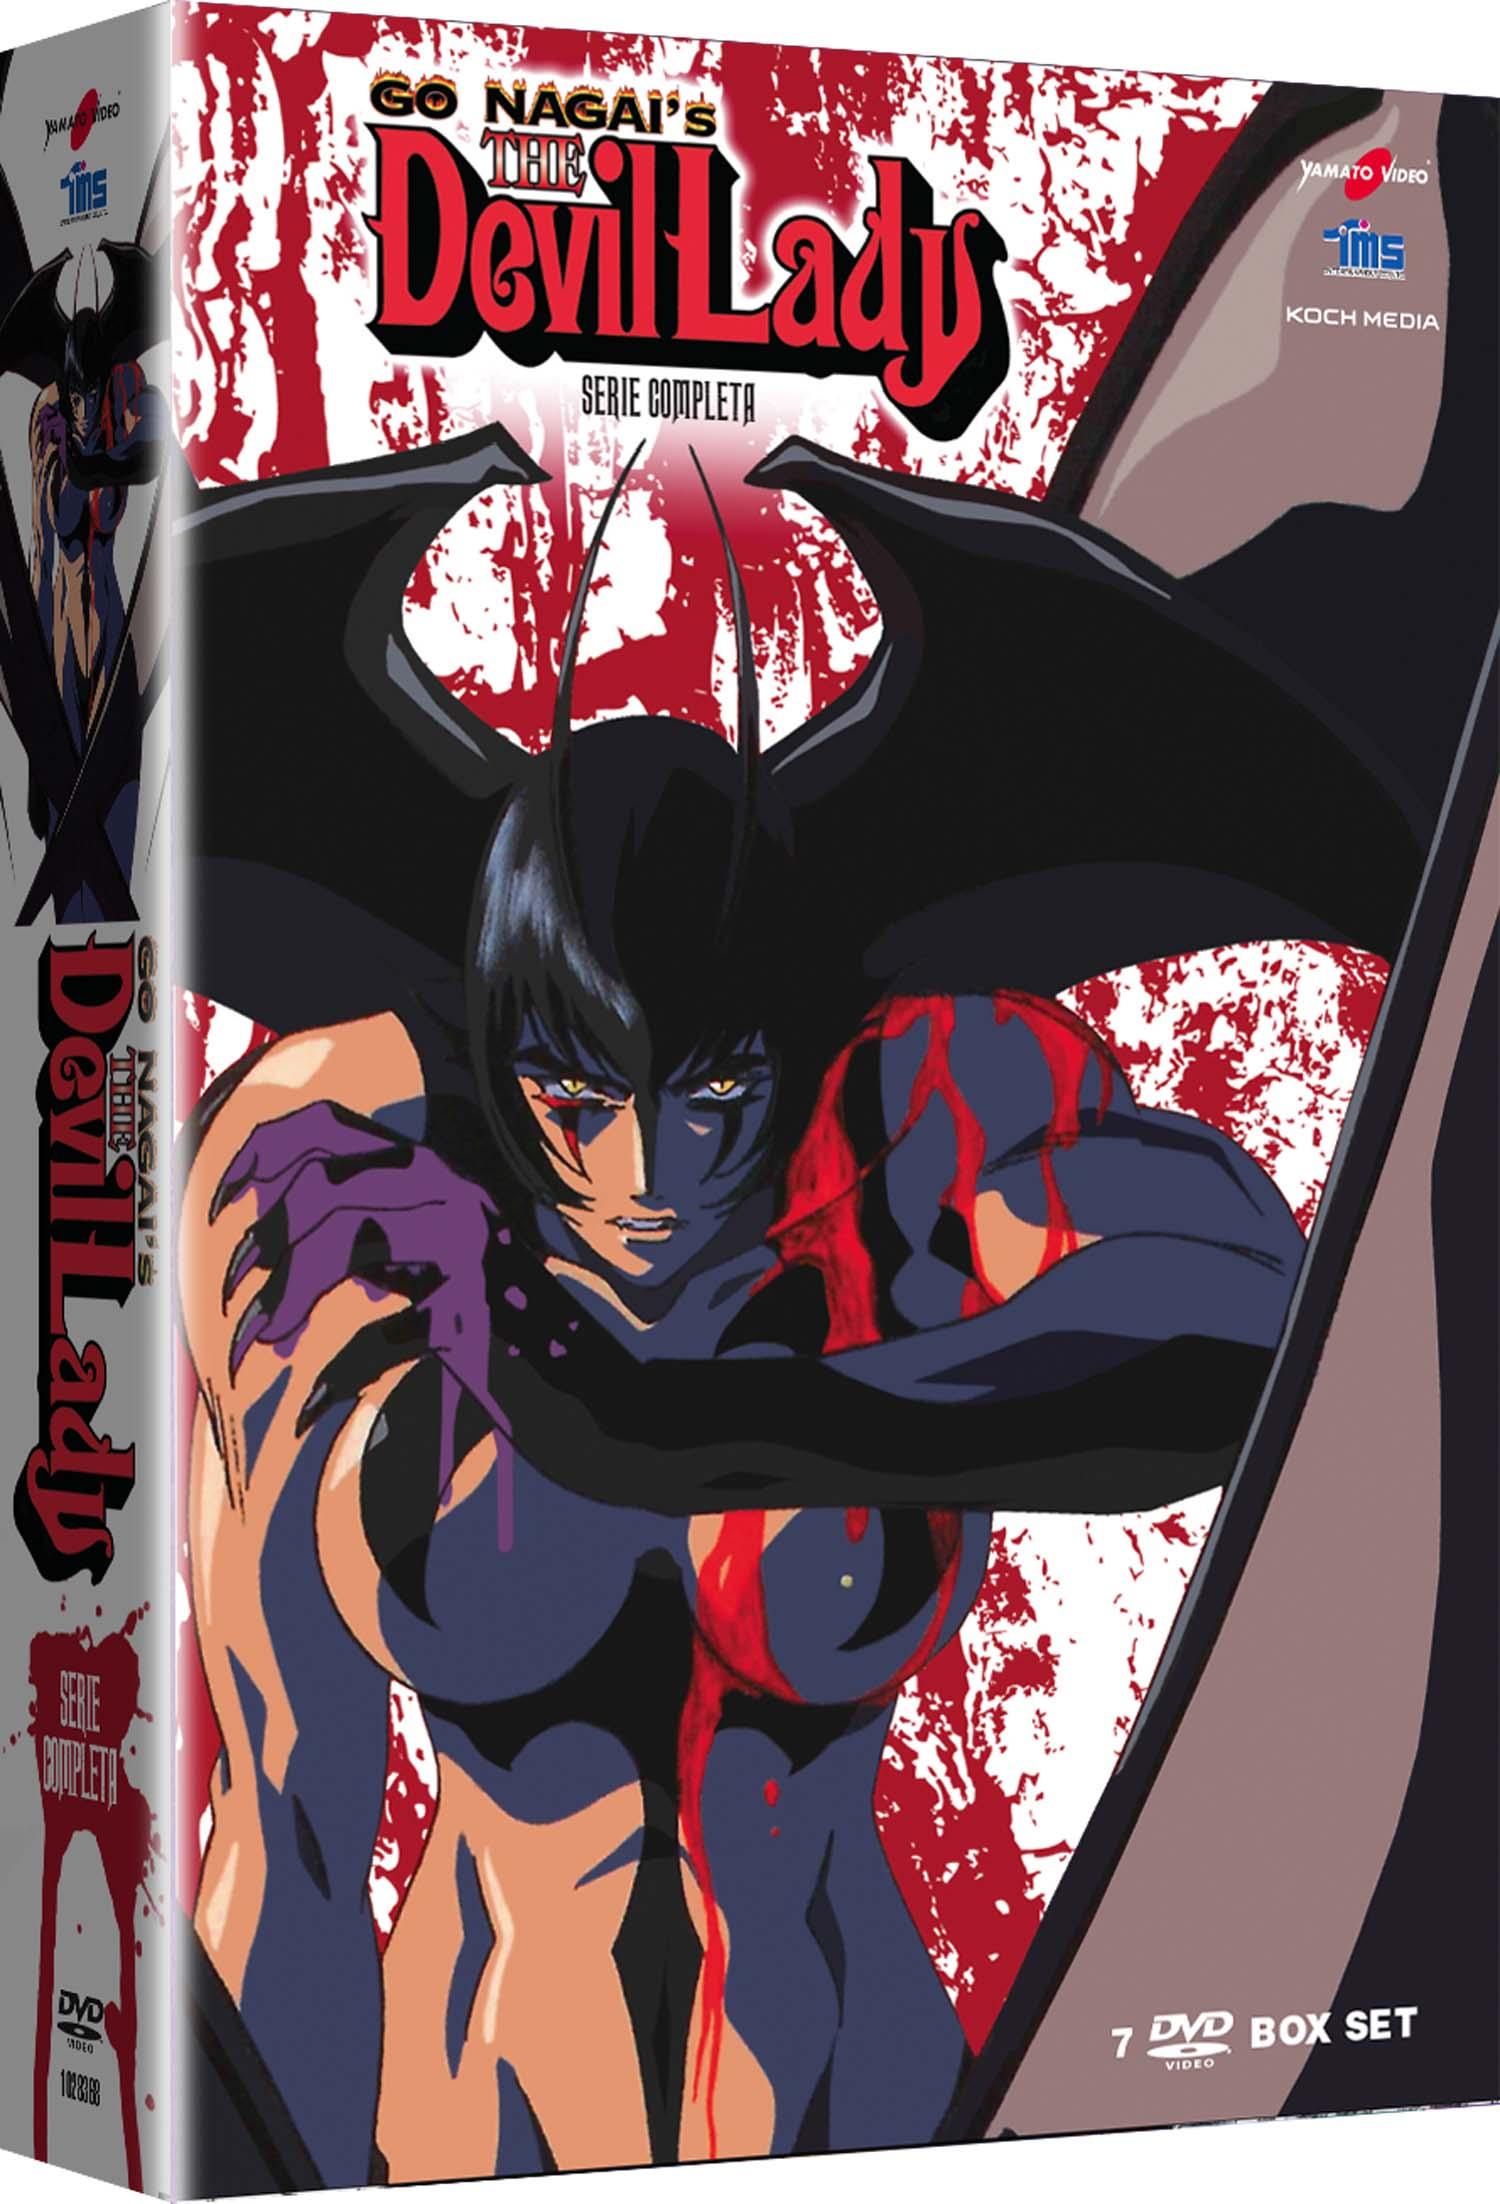 COF.GO NAGAI'S DEVIL LADY - SERIE COMPLETA (7 DVD) (DVD)